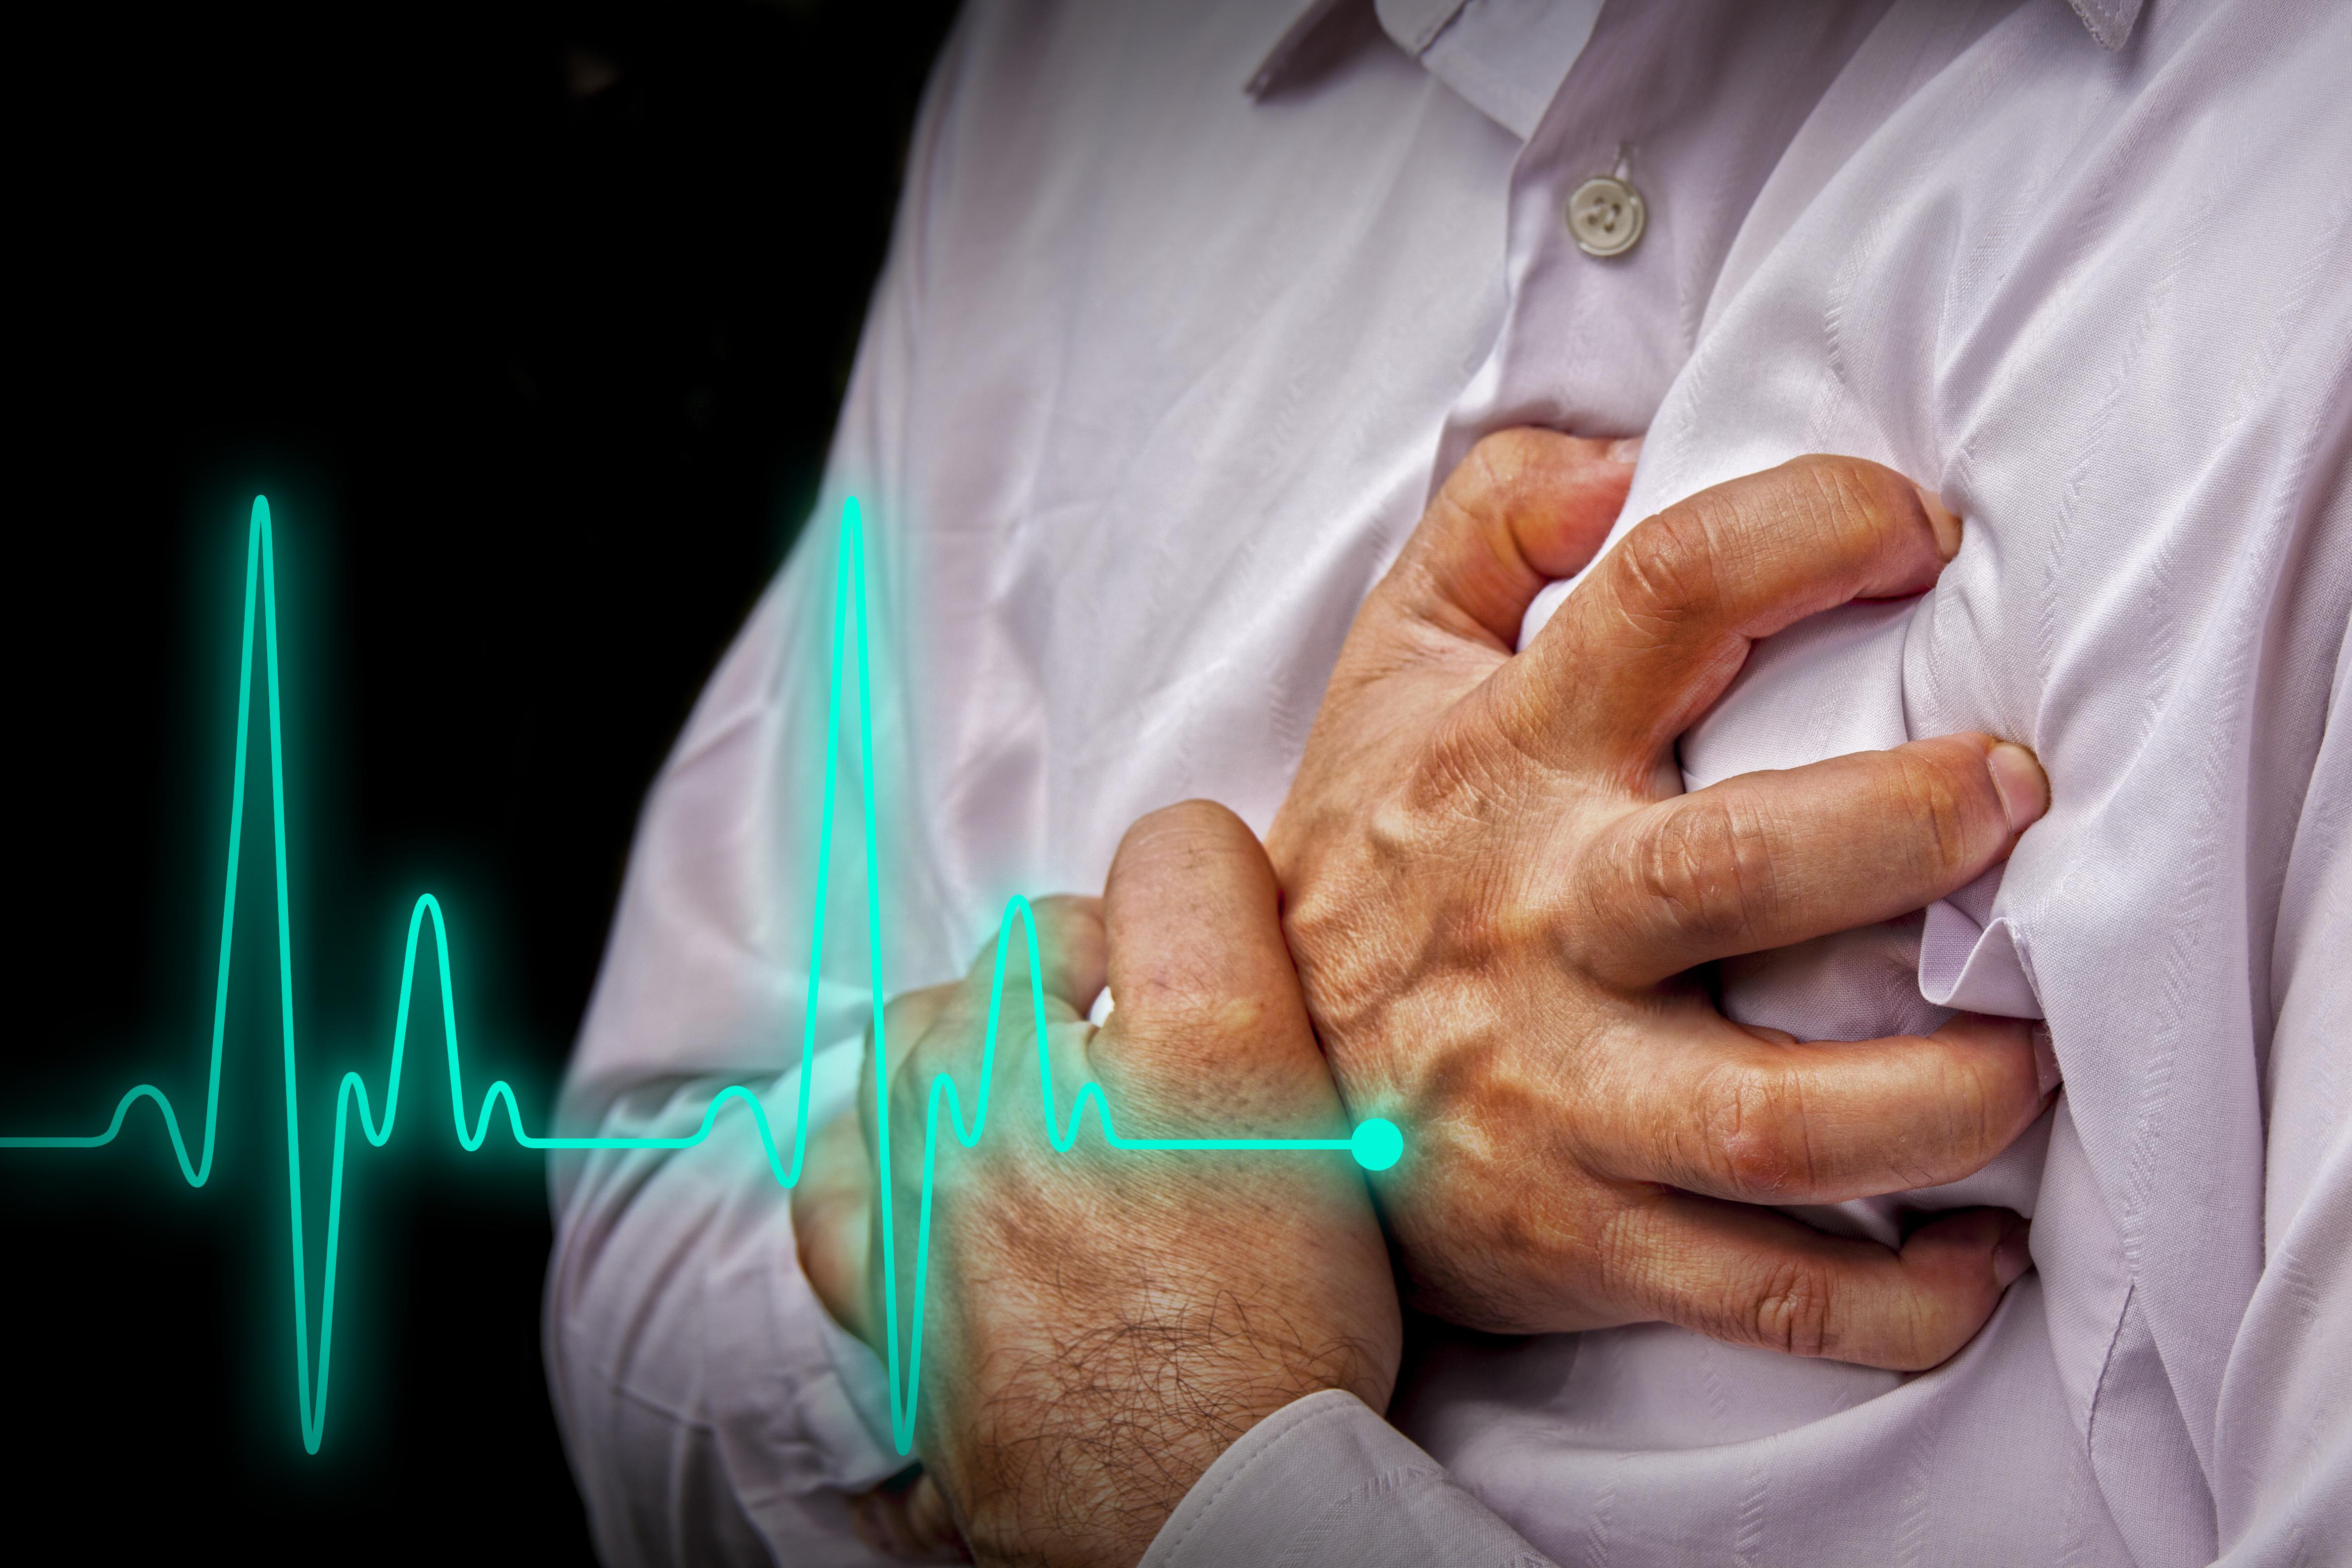 Un appel a minima à la surveillance du QT lors de l'utilisation de médicaments pouvant provoquer des changements du rythme cardiaque